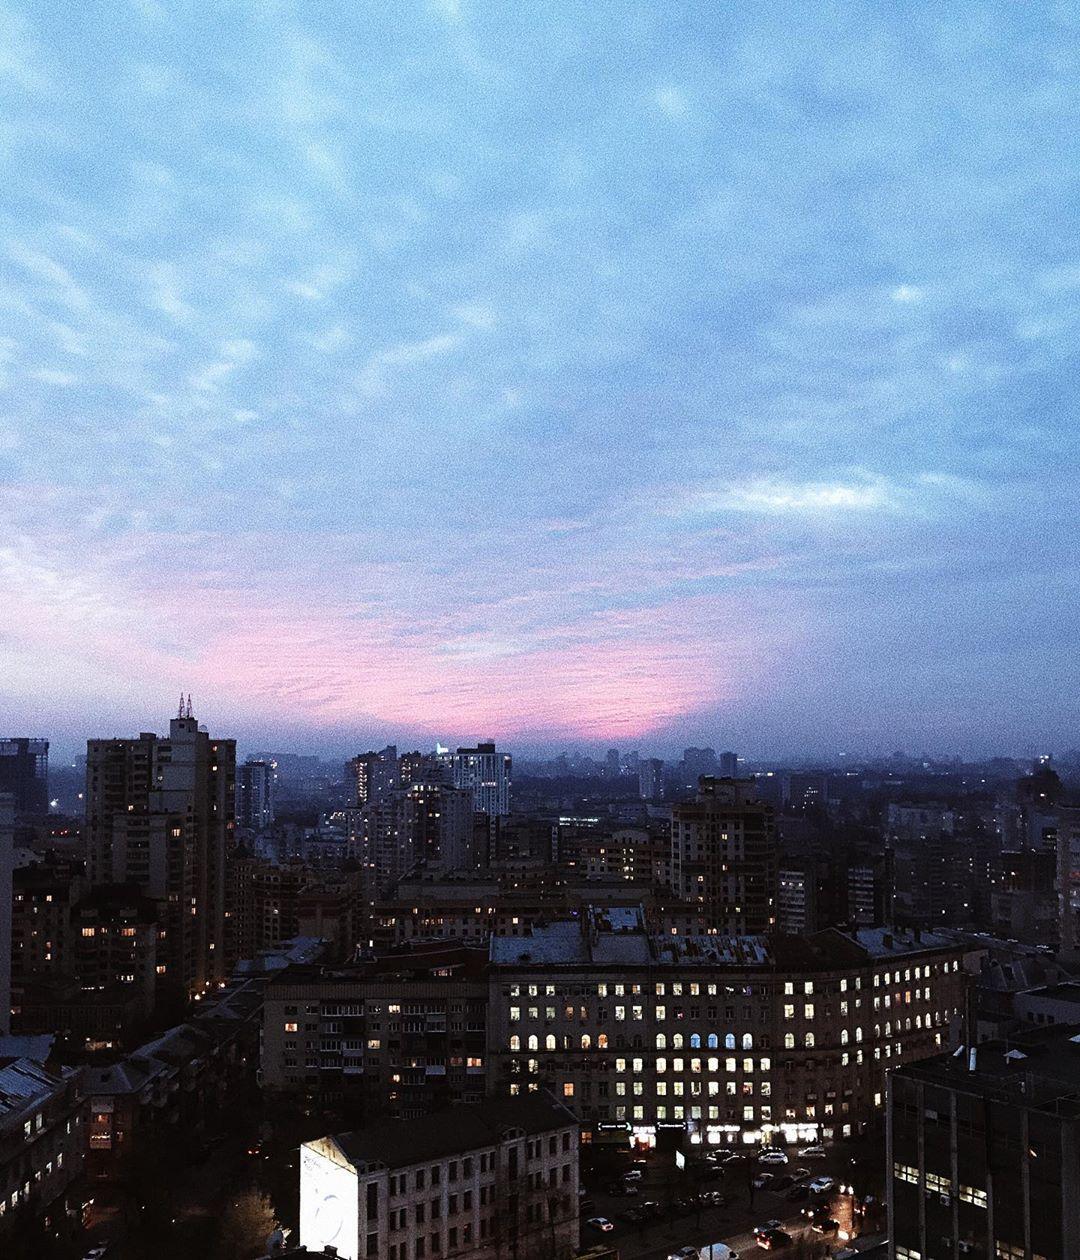 По вечерам главным героем фотографий становится небо над Киевом. Фото - @yuliabevzenko